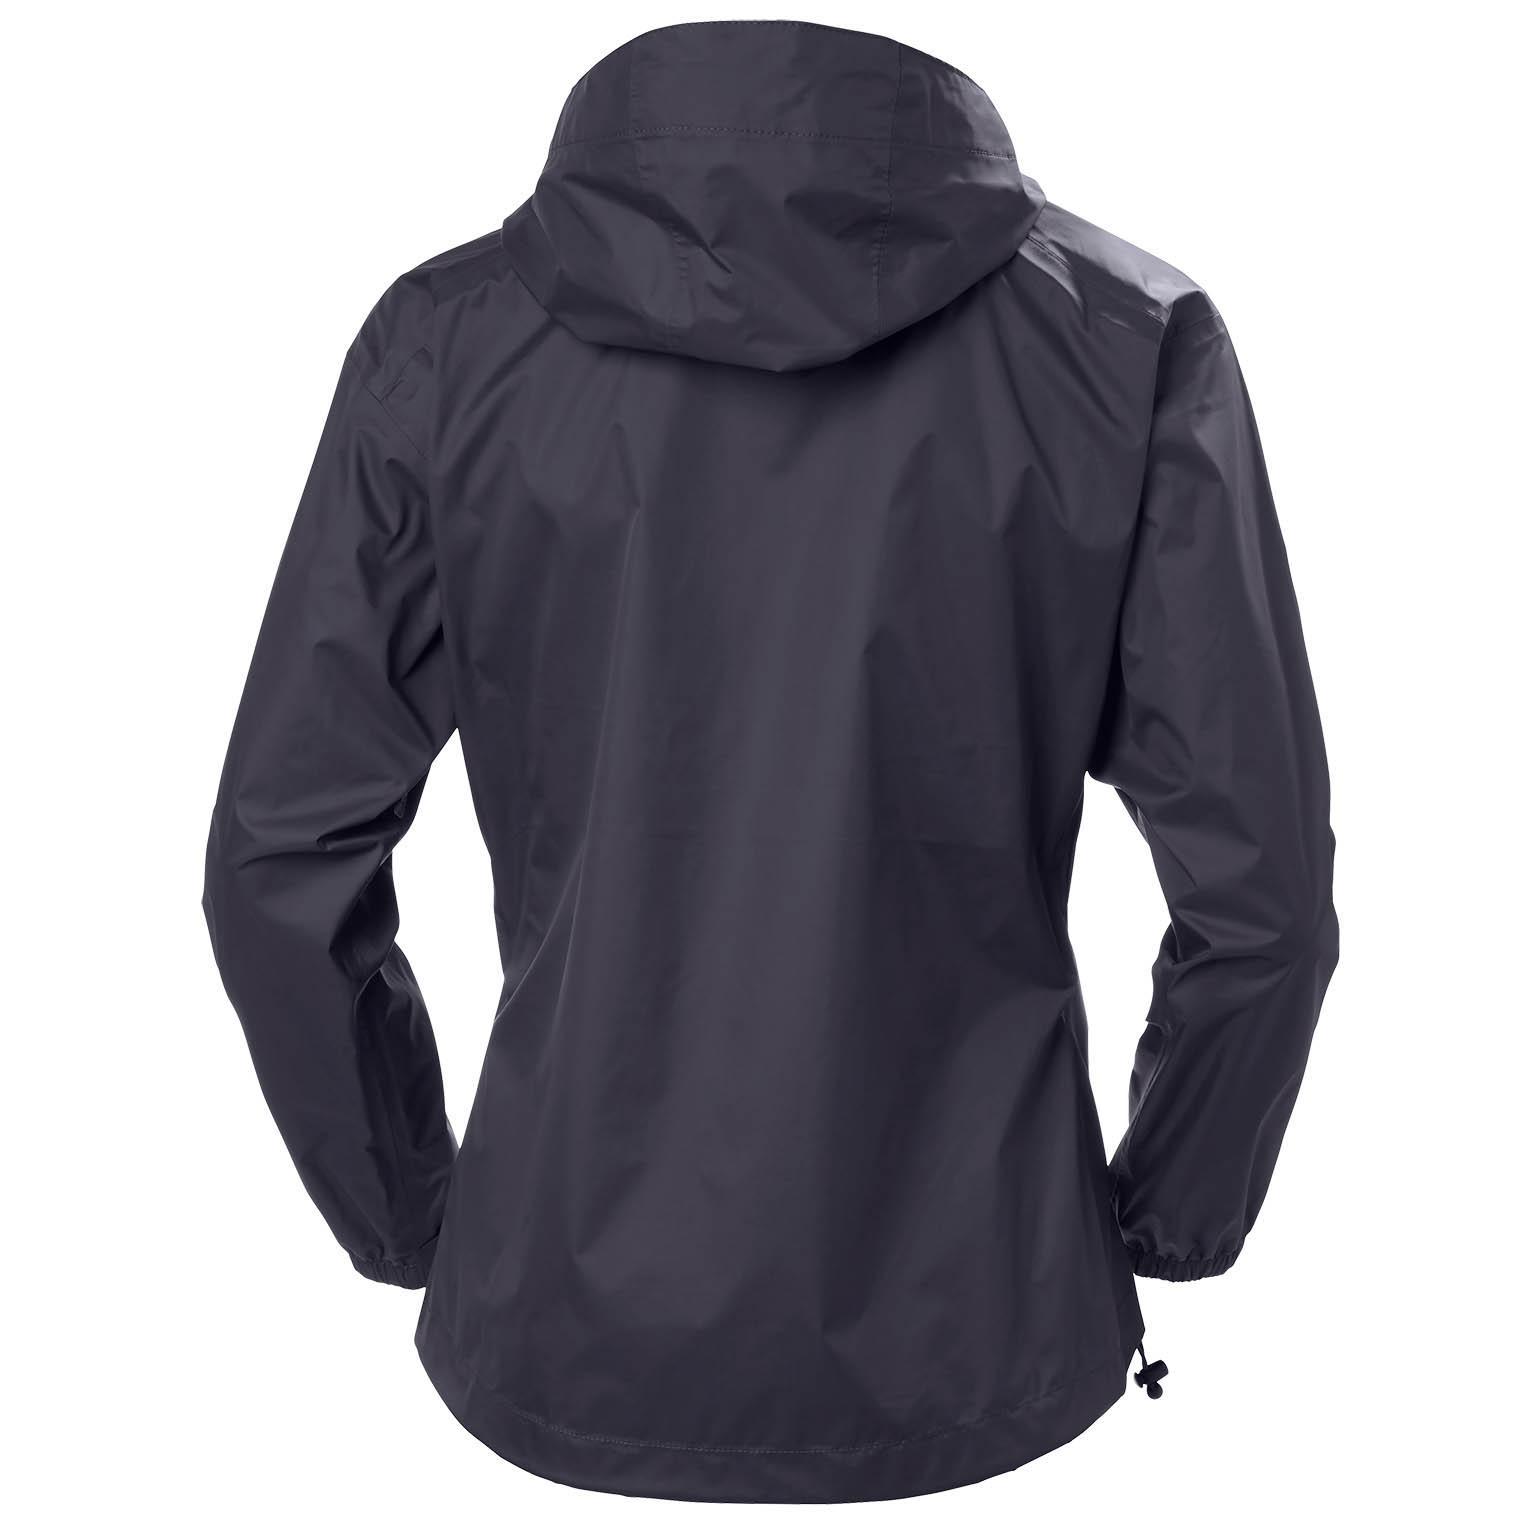 helly hansen loke jacket review